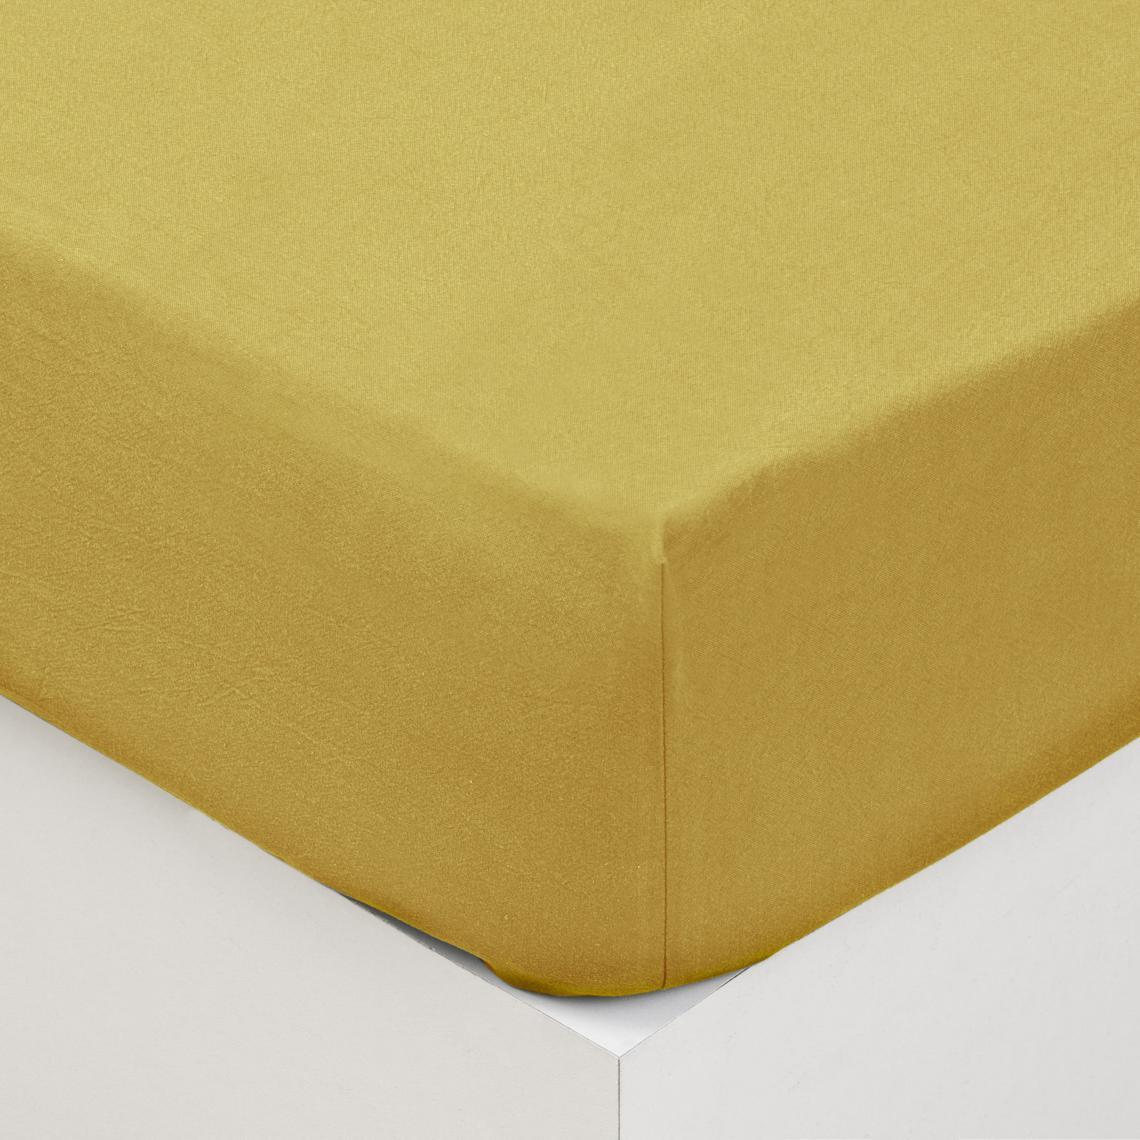 drap-housse-en-coton-lave-ocre-design_3235225_1140x1140